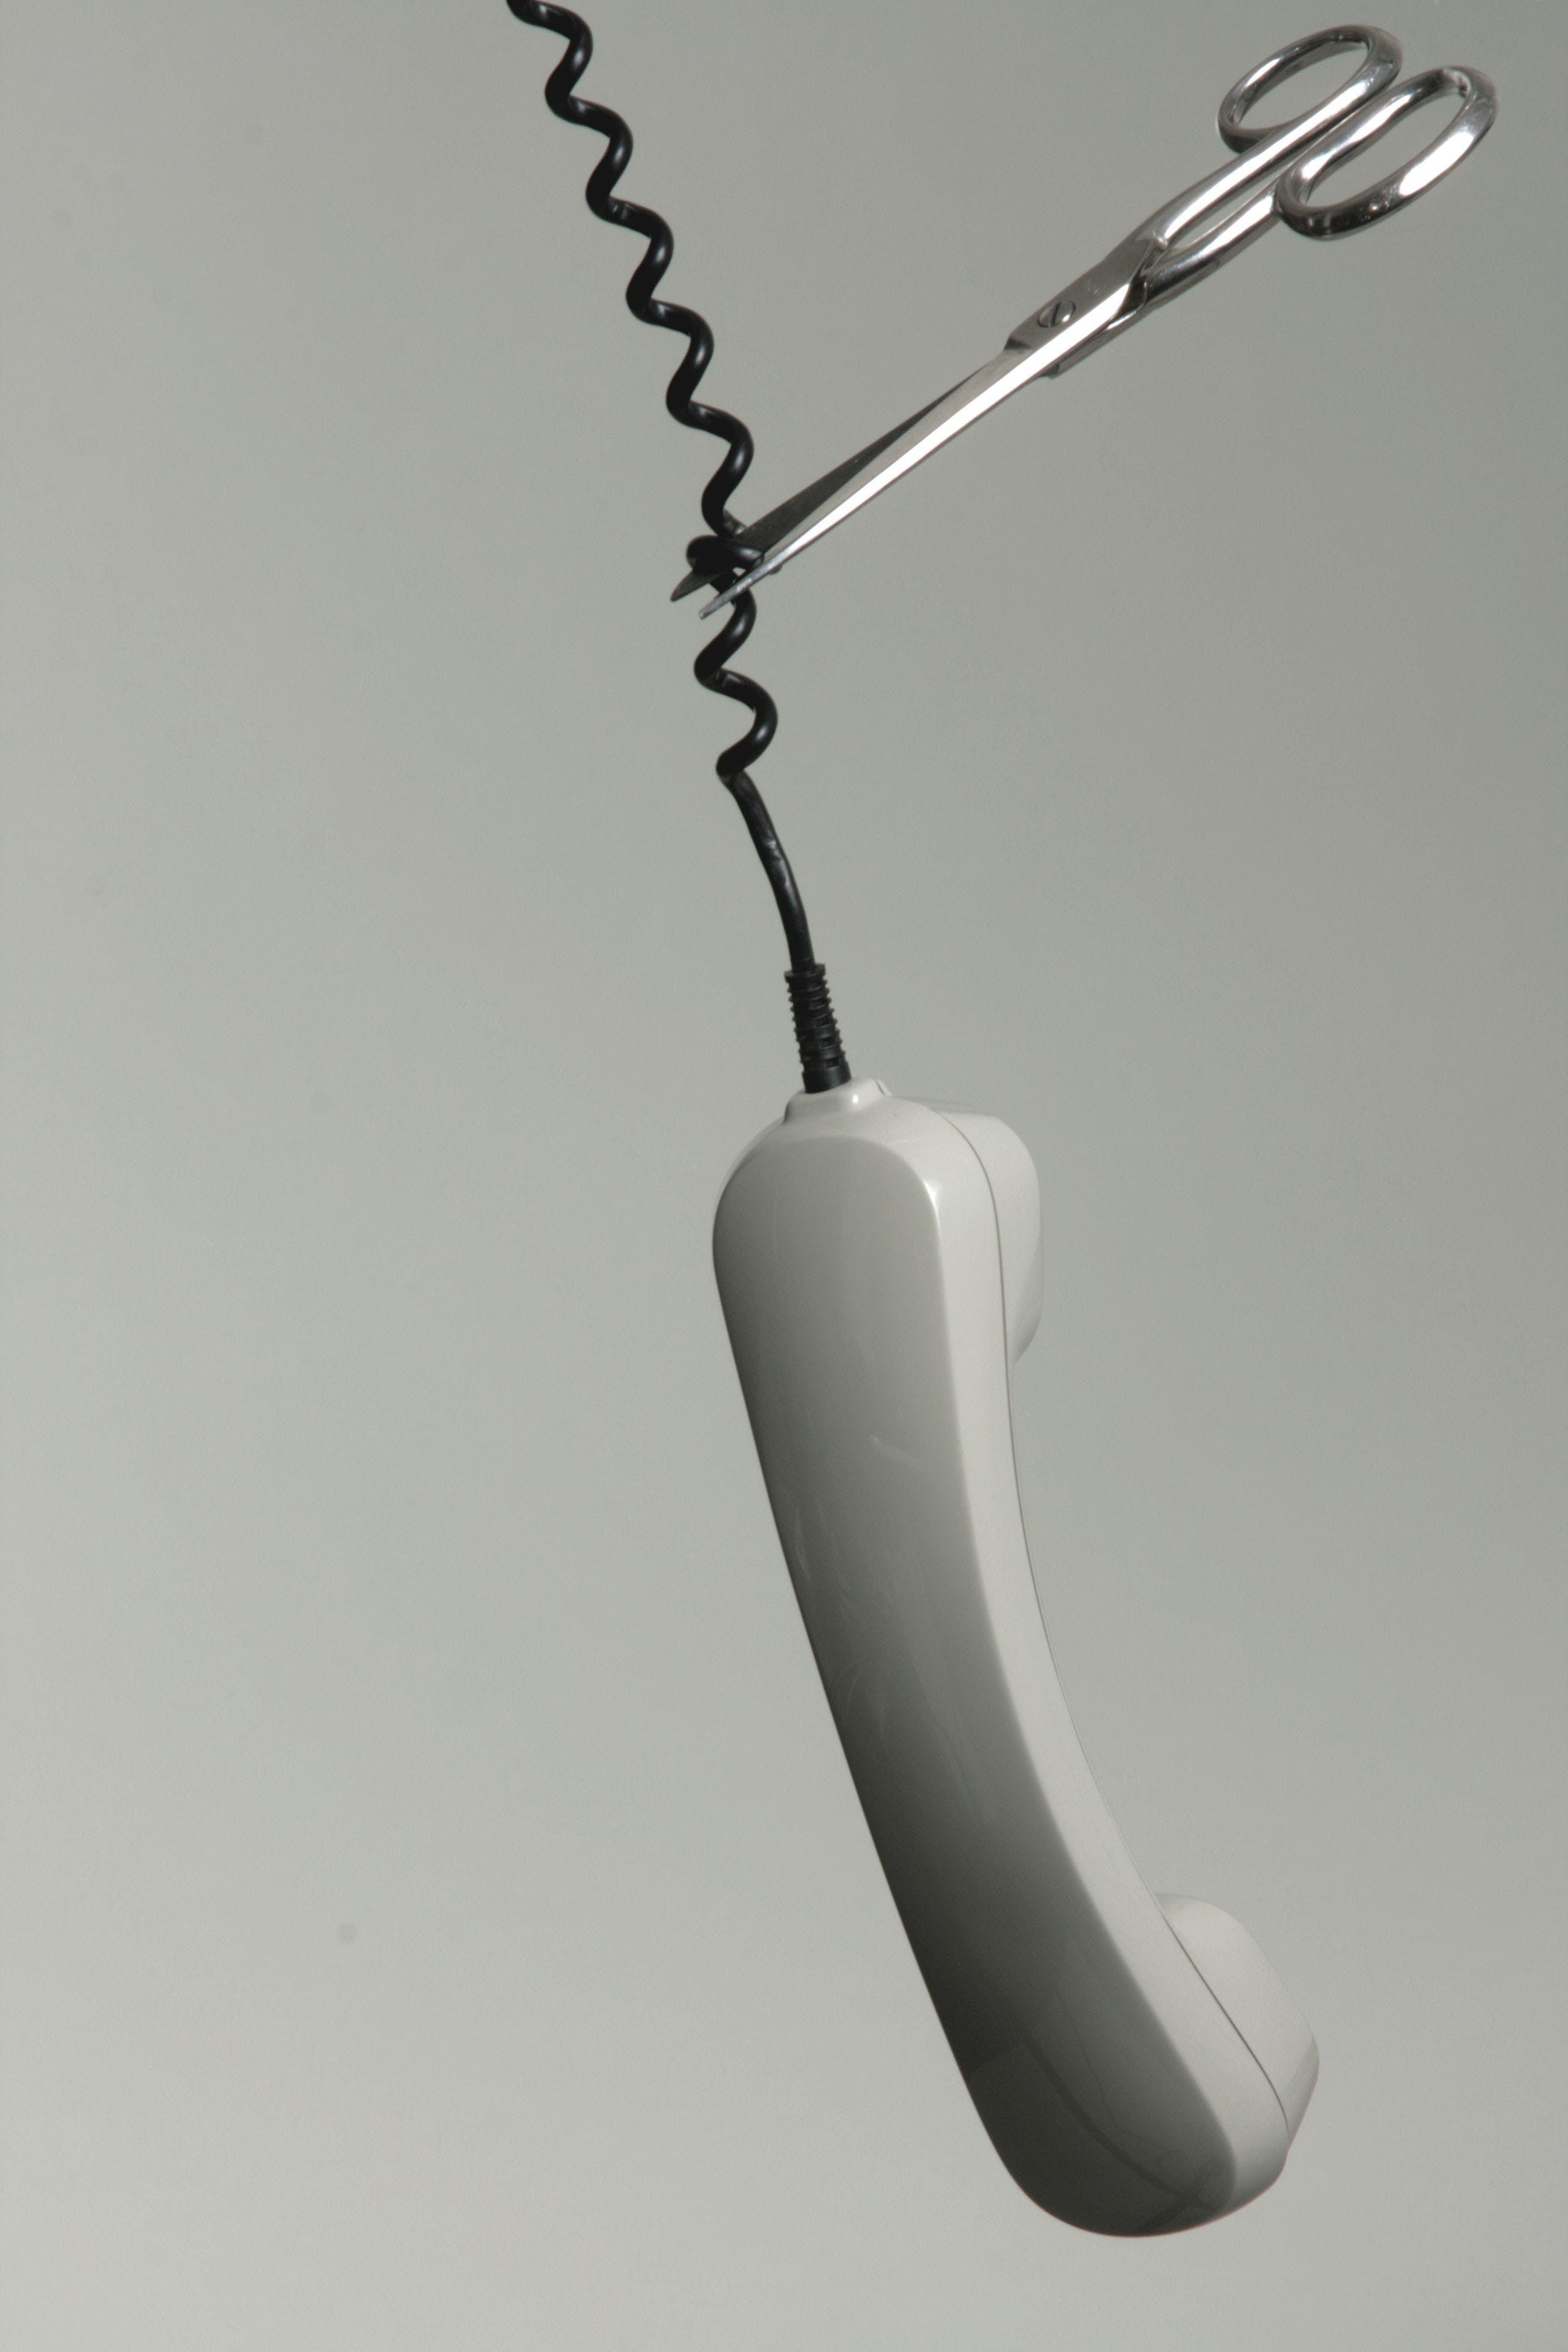 Kostenloses Stock Foto zu ausrüstung, draht, elektrik, hängen